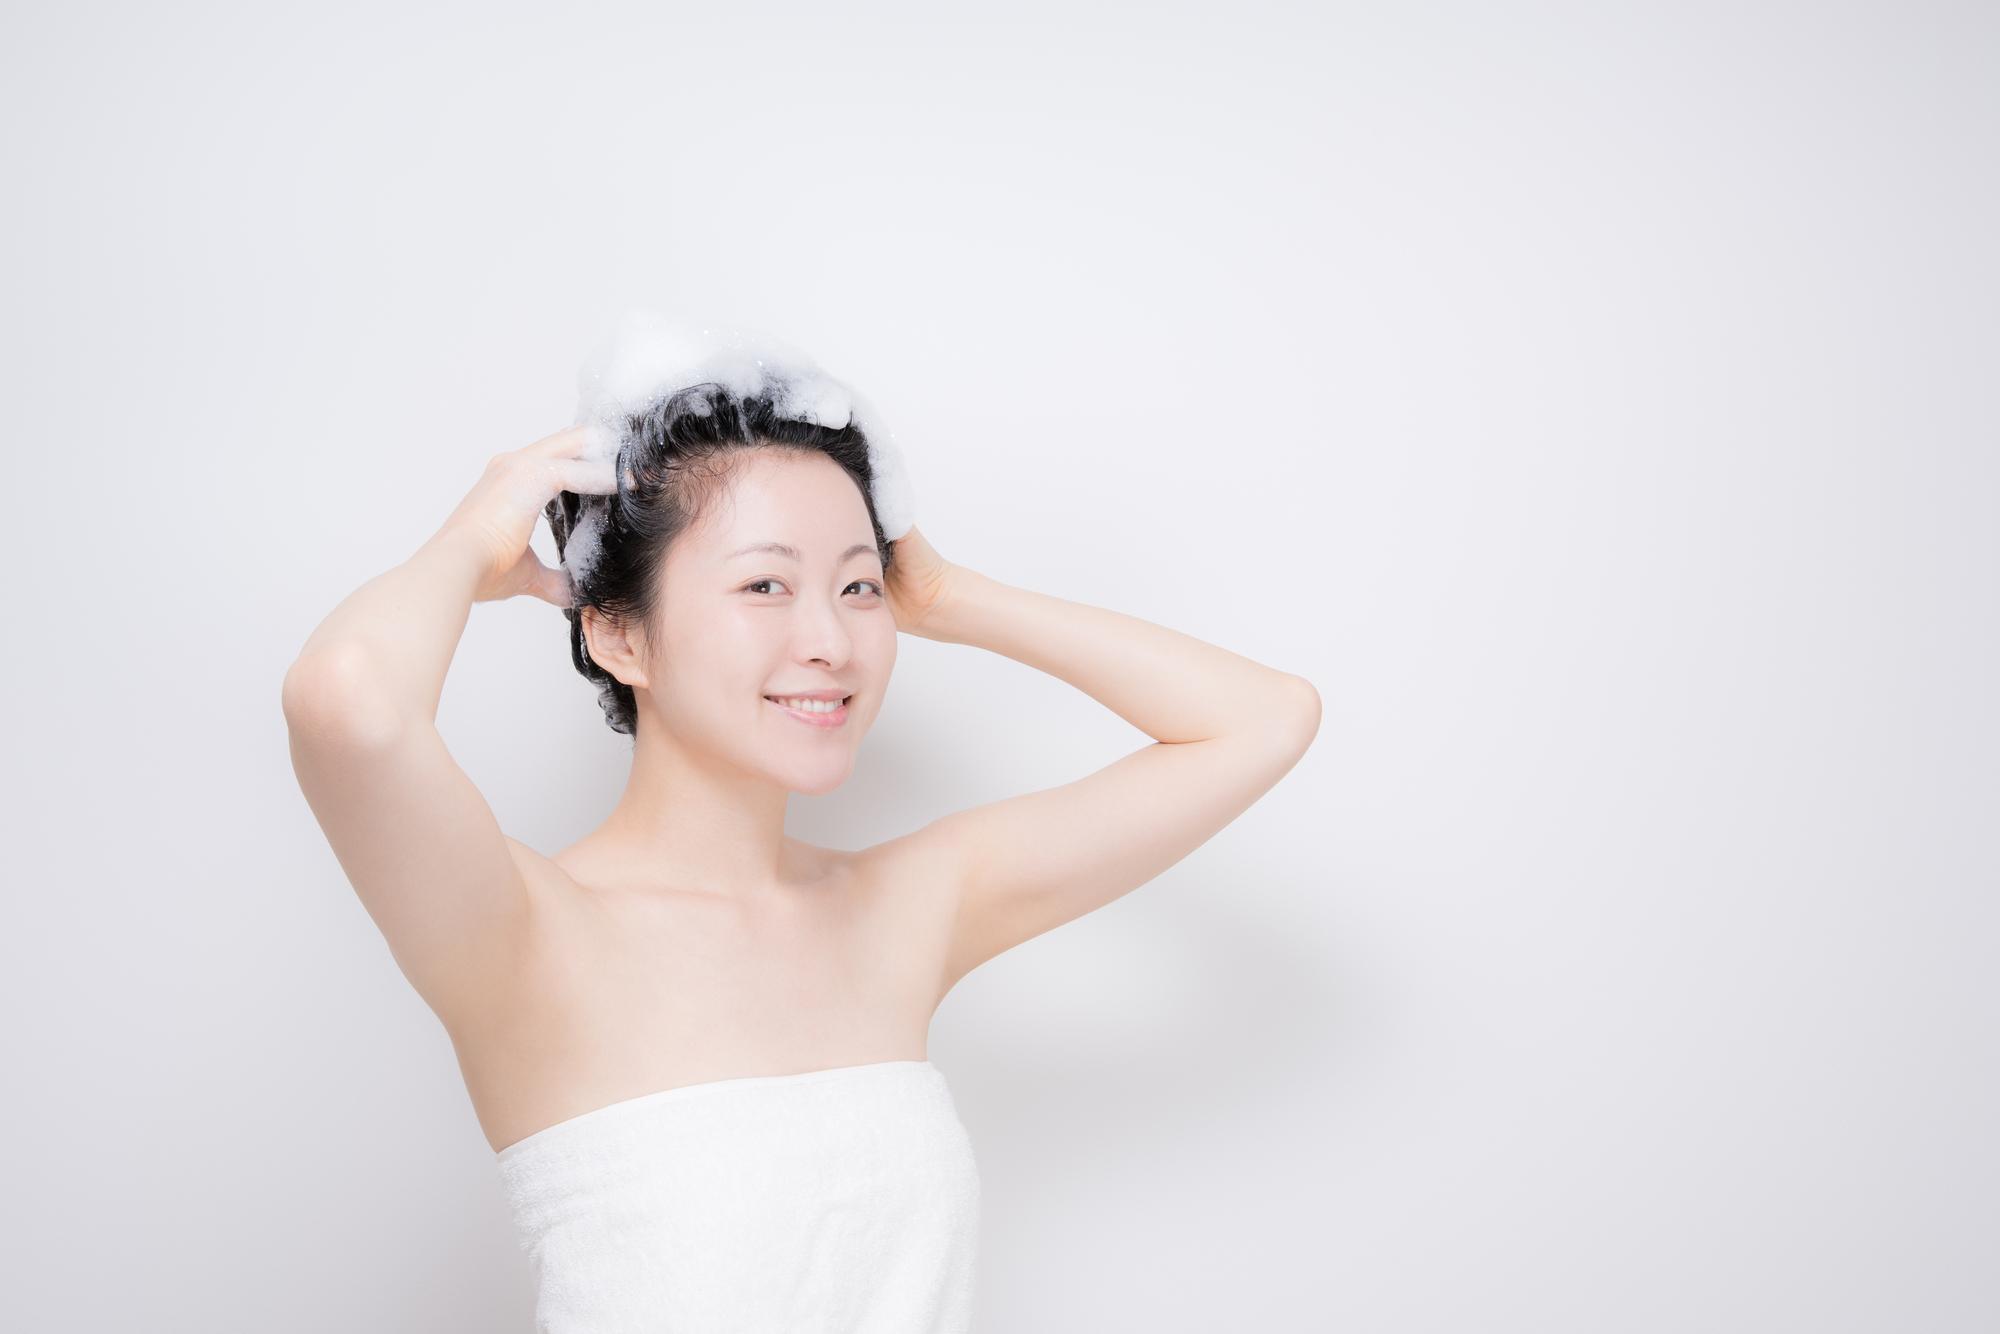 円形脱毛症の女性にオススメのシャンプーは?選ぶ際のポイントあり